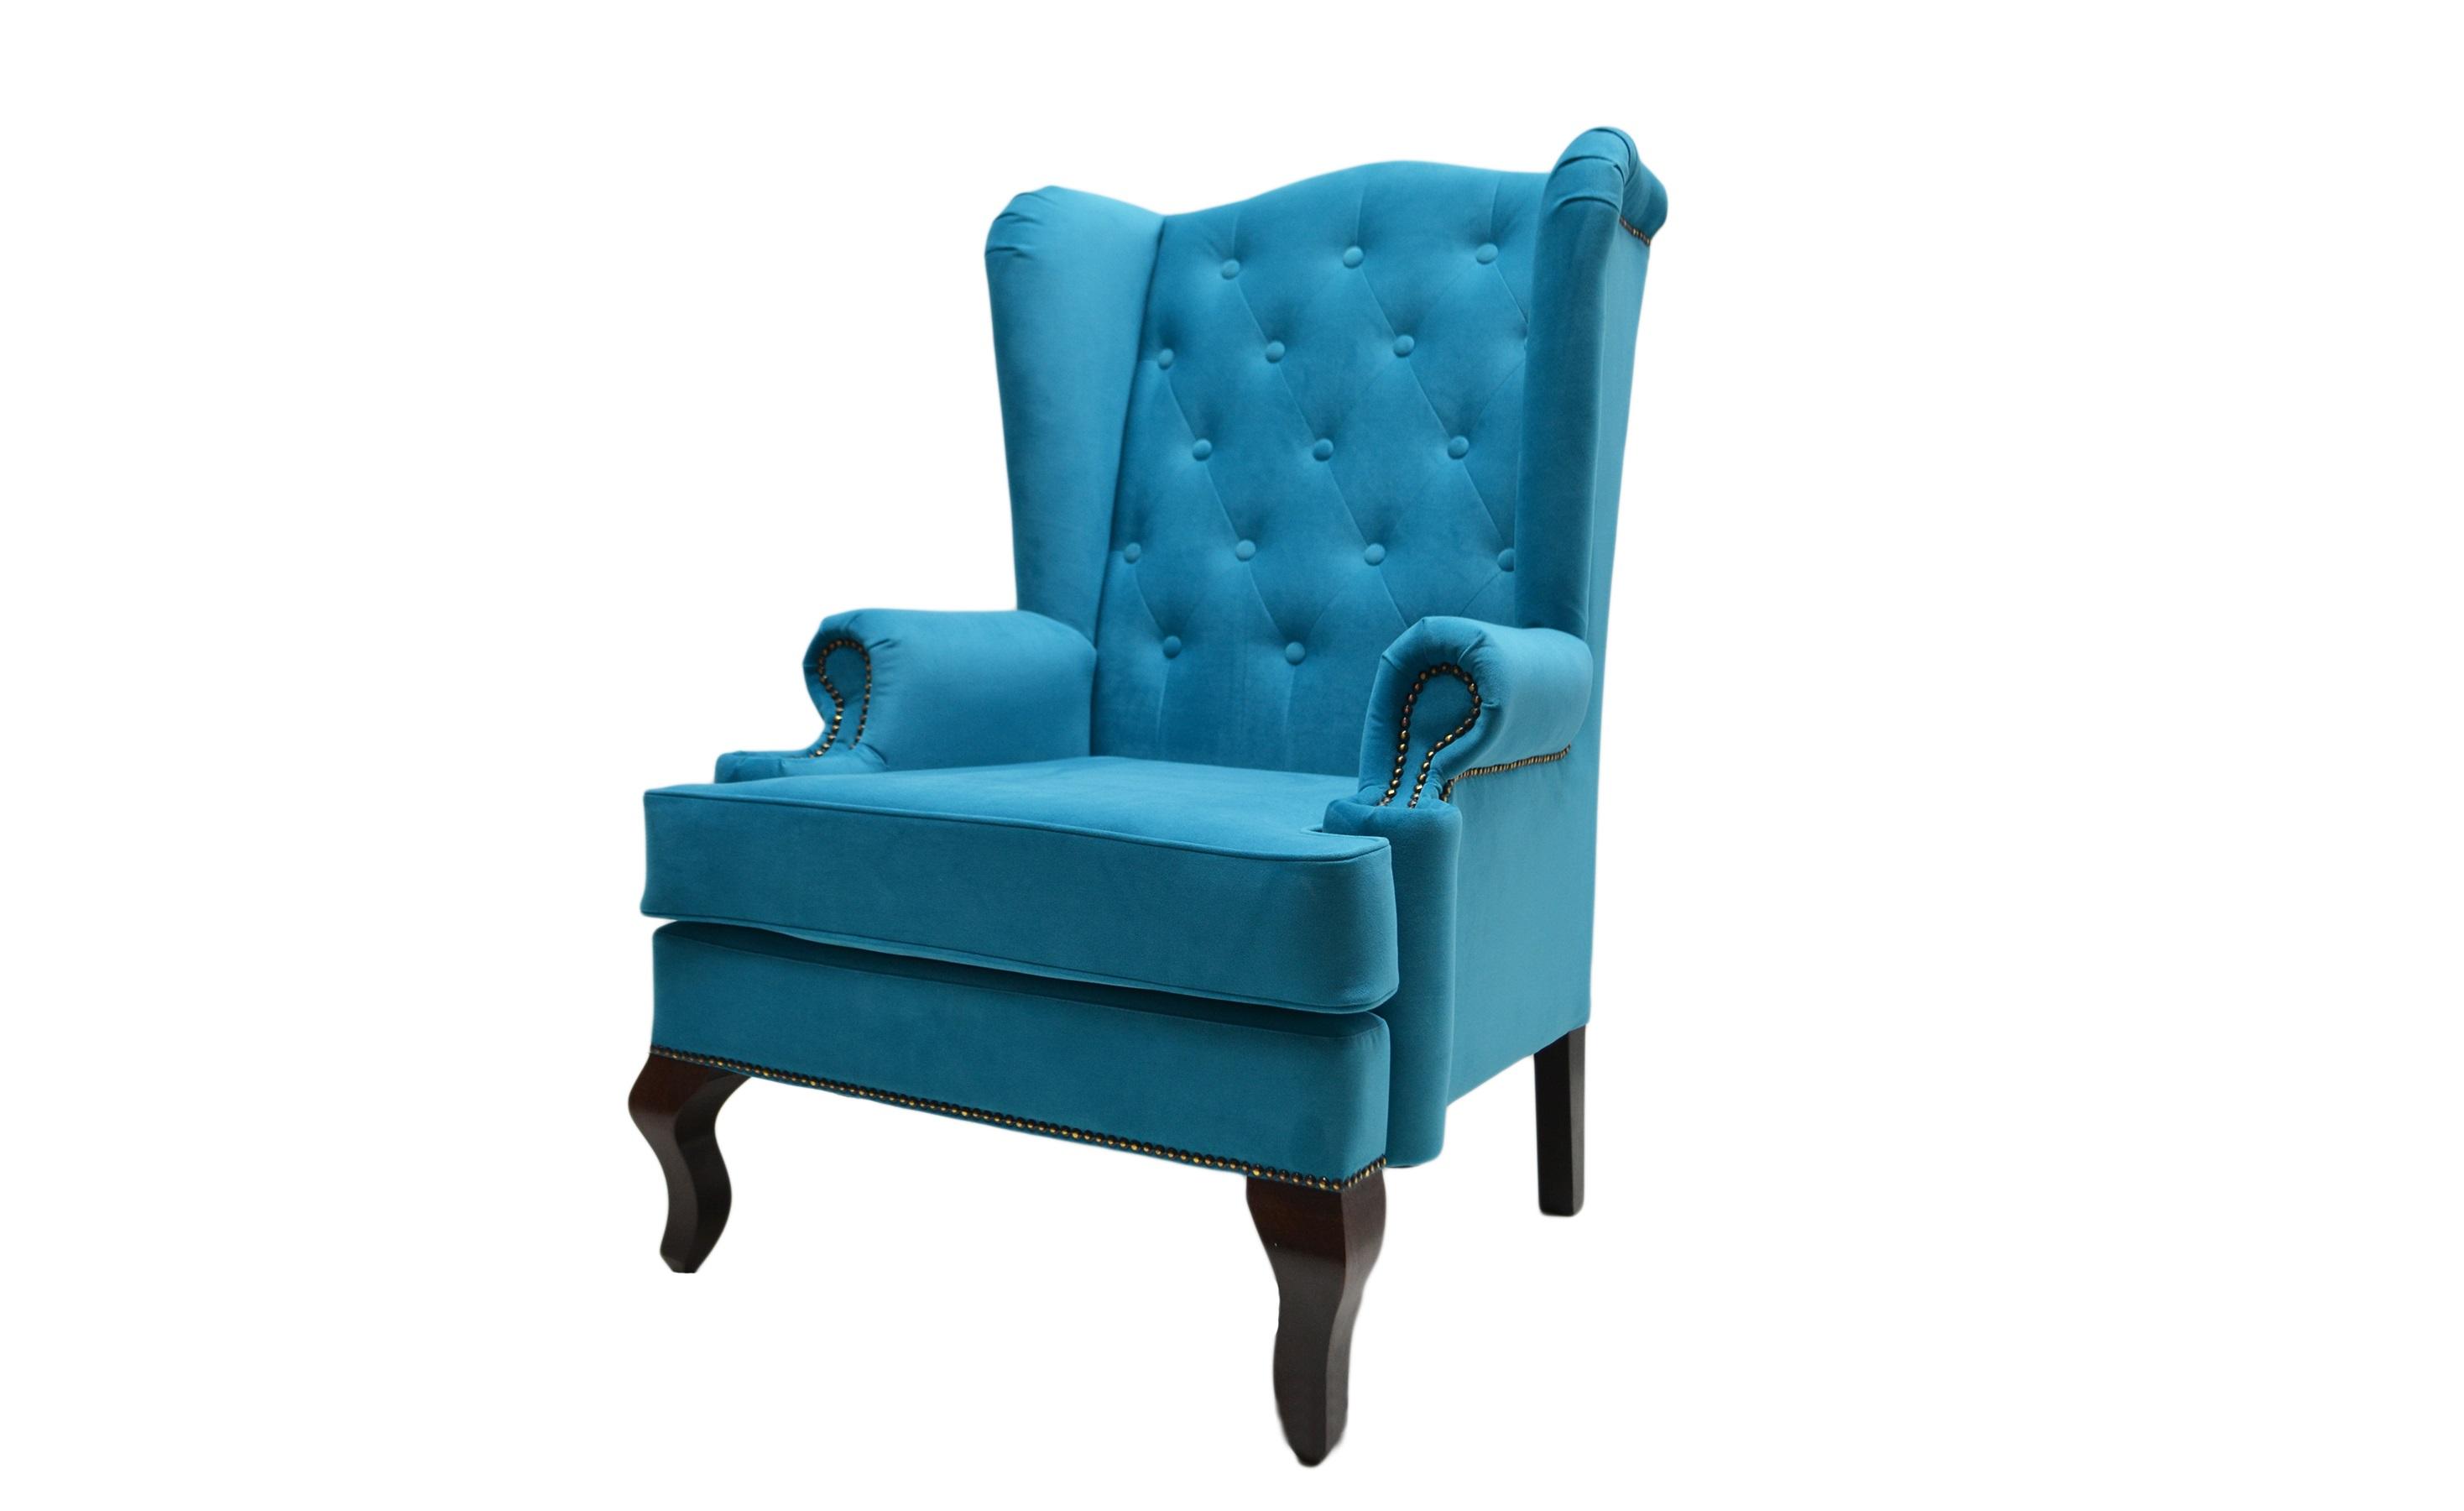 Каминное кресло с ушамиКресла с высокой спинкой<br>Каминное кресло – мягкий предмет мебели повышенной комфортности с высокой спинкой, оно рассчитано на отдых возле домашнего очага. Его конструкция, как и много лет назад, почти не изменилась.<br>Каминное кресло с ушами (выступами на уровне головы), имеет каркас из дерева, гнутые ножки и мягкие подлокотники. Впервые такую модель сделали в Англии в XVII веке. Пожилых людей своеобразные крылья уберегали от сквозняков, в гостиной они предохраняли от залетания искр из камина. Отсюда появилось название такой модели – каминное кресло в английском стиле. Еще оно именуется на родине «крылатым», «дедушкиным».<br><br>Material: Велюр<br>Length см: None<br>Width см: 73<br>Depth см: 70<br>Height см: 110